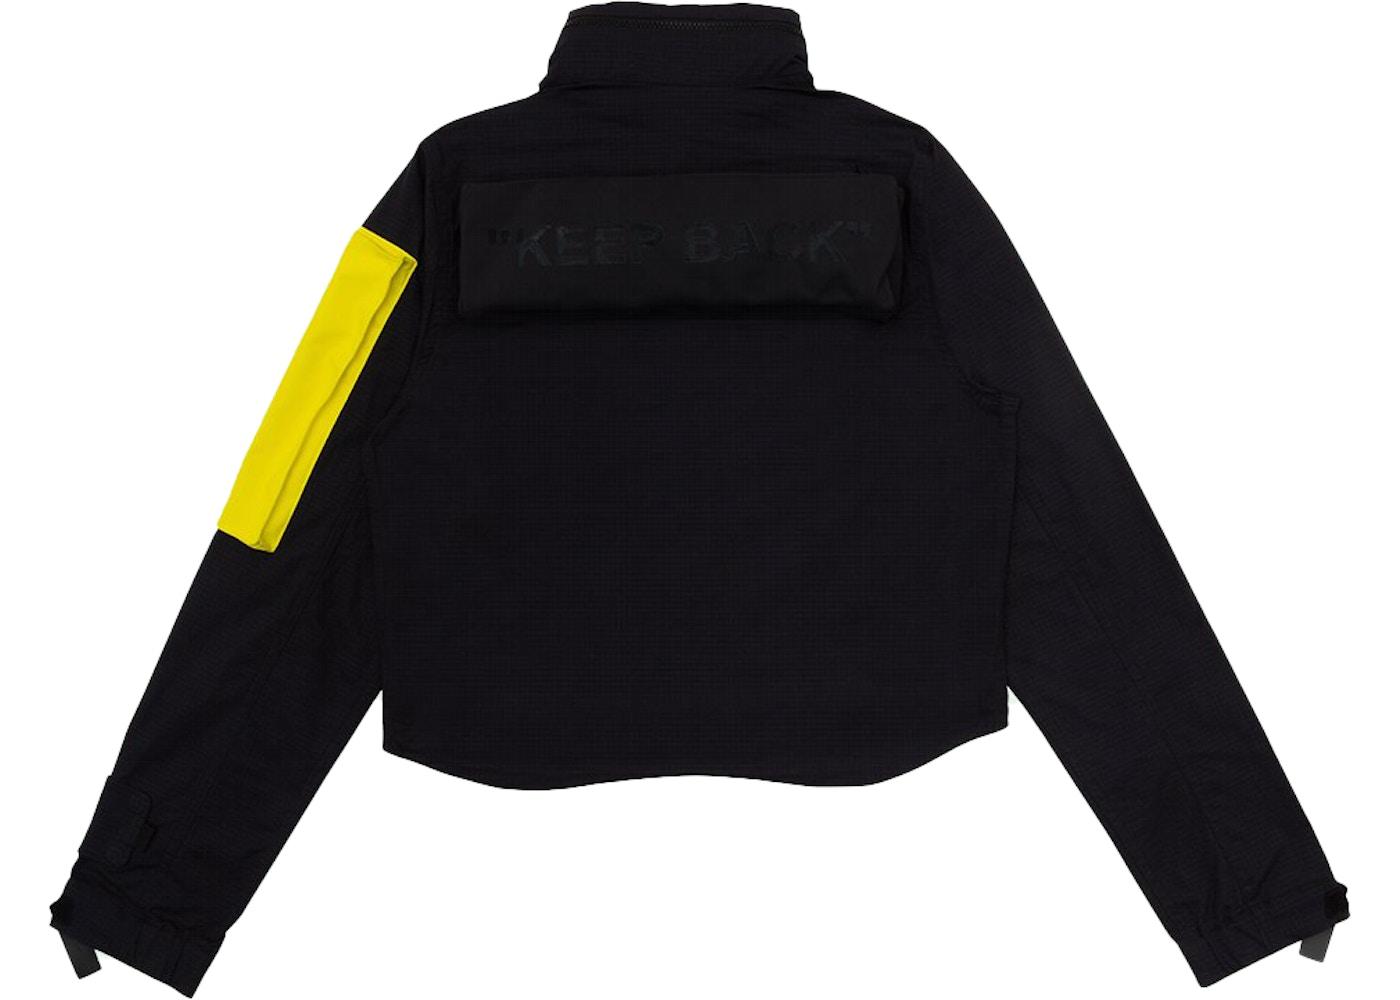 OFF-WHITE x Nike Women's Running Jacket Black/Yellow